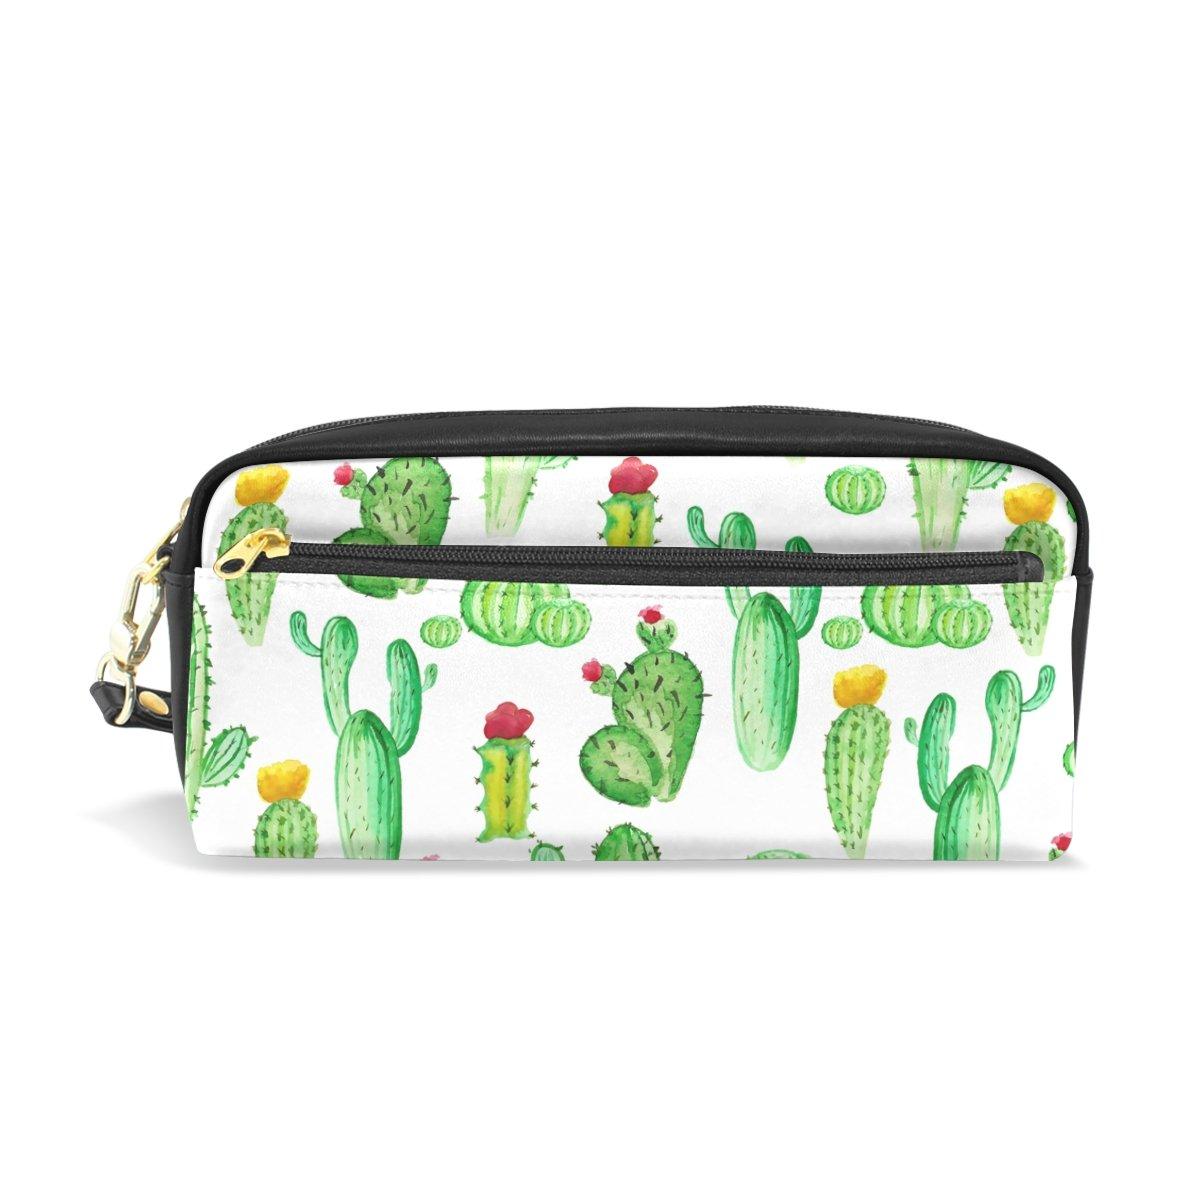 Cactus Estuche de lápices, bolígrafo de piel impermeable, bonito estuche de colores para monedas, bolsa de maquillaje con cremallera para niñas y niños: Amazon.es: Oficina y papelería